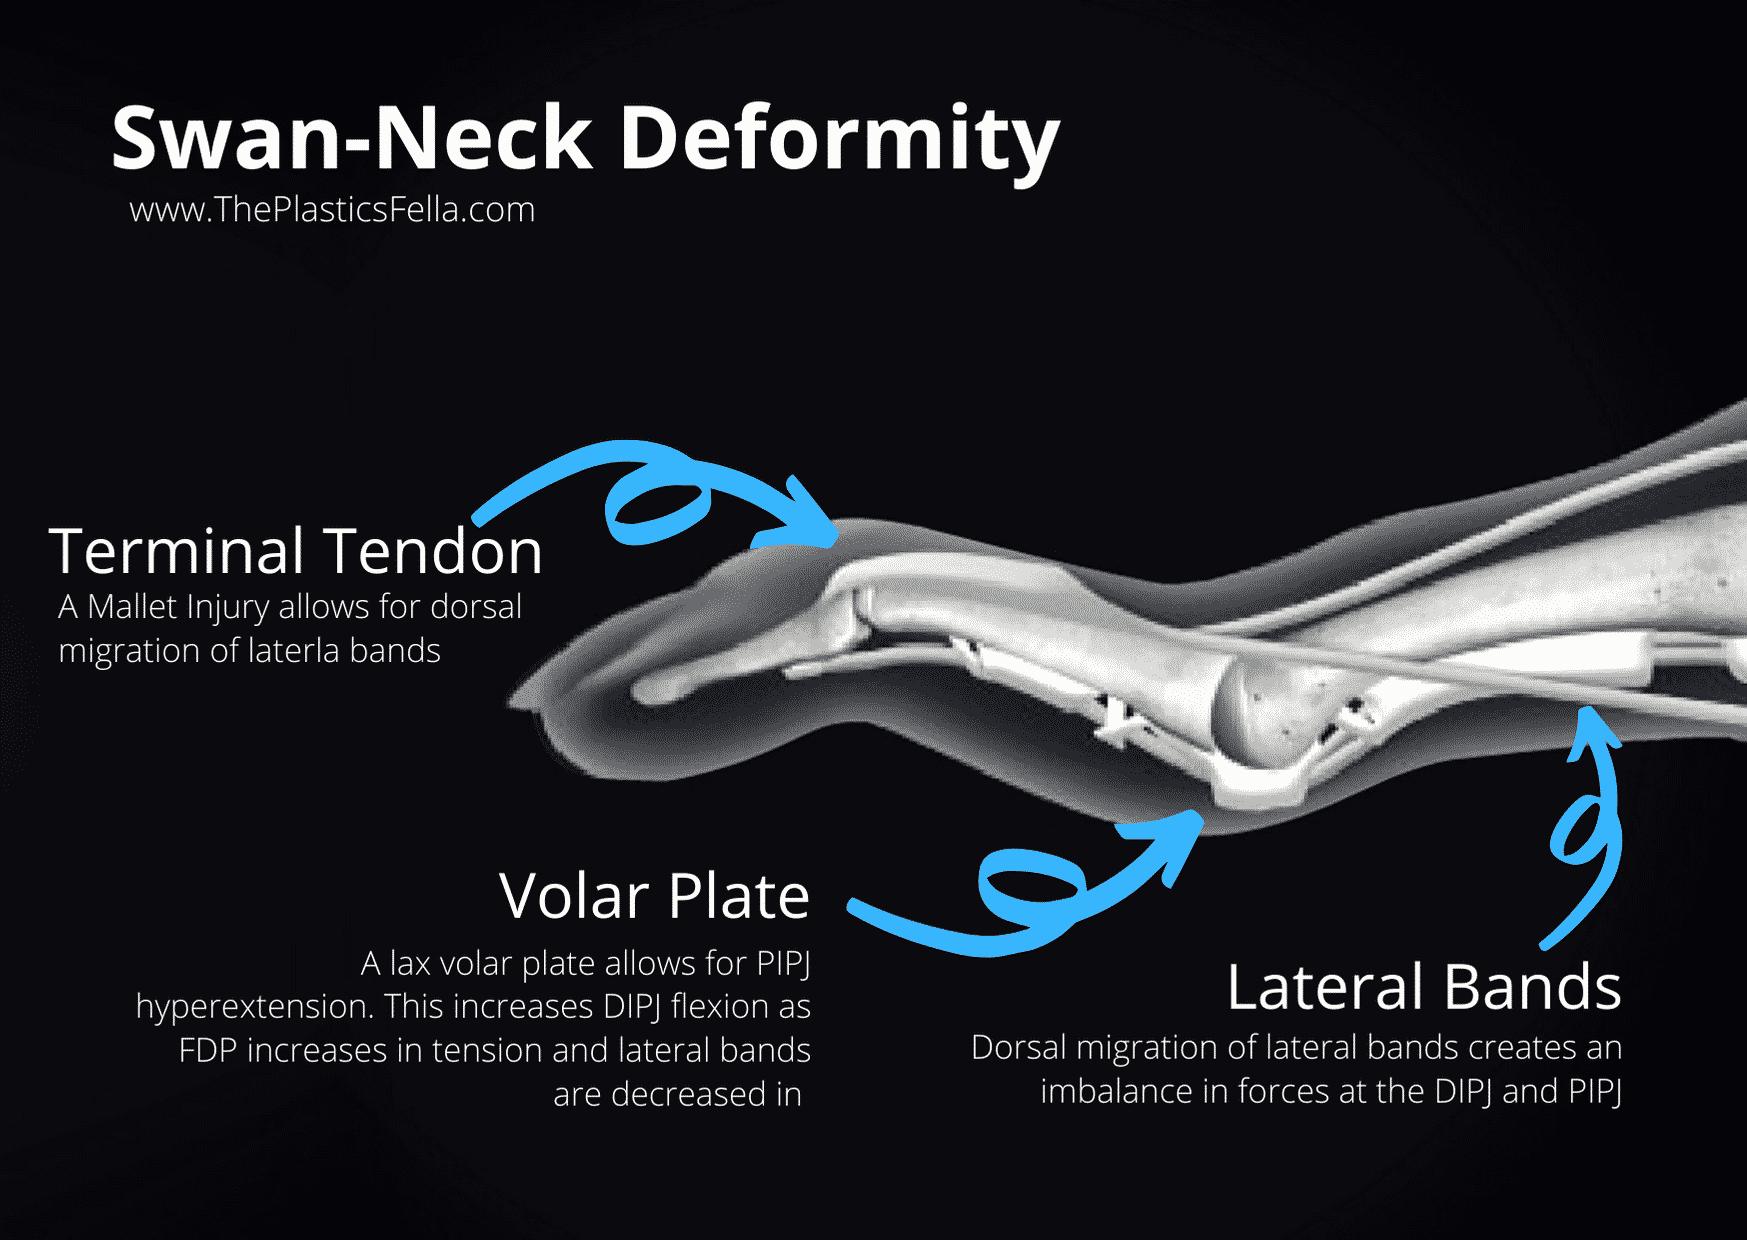 Anatomy of a Swan-Neck Deformity (vs Boutonnières deformity)